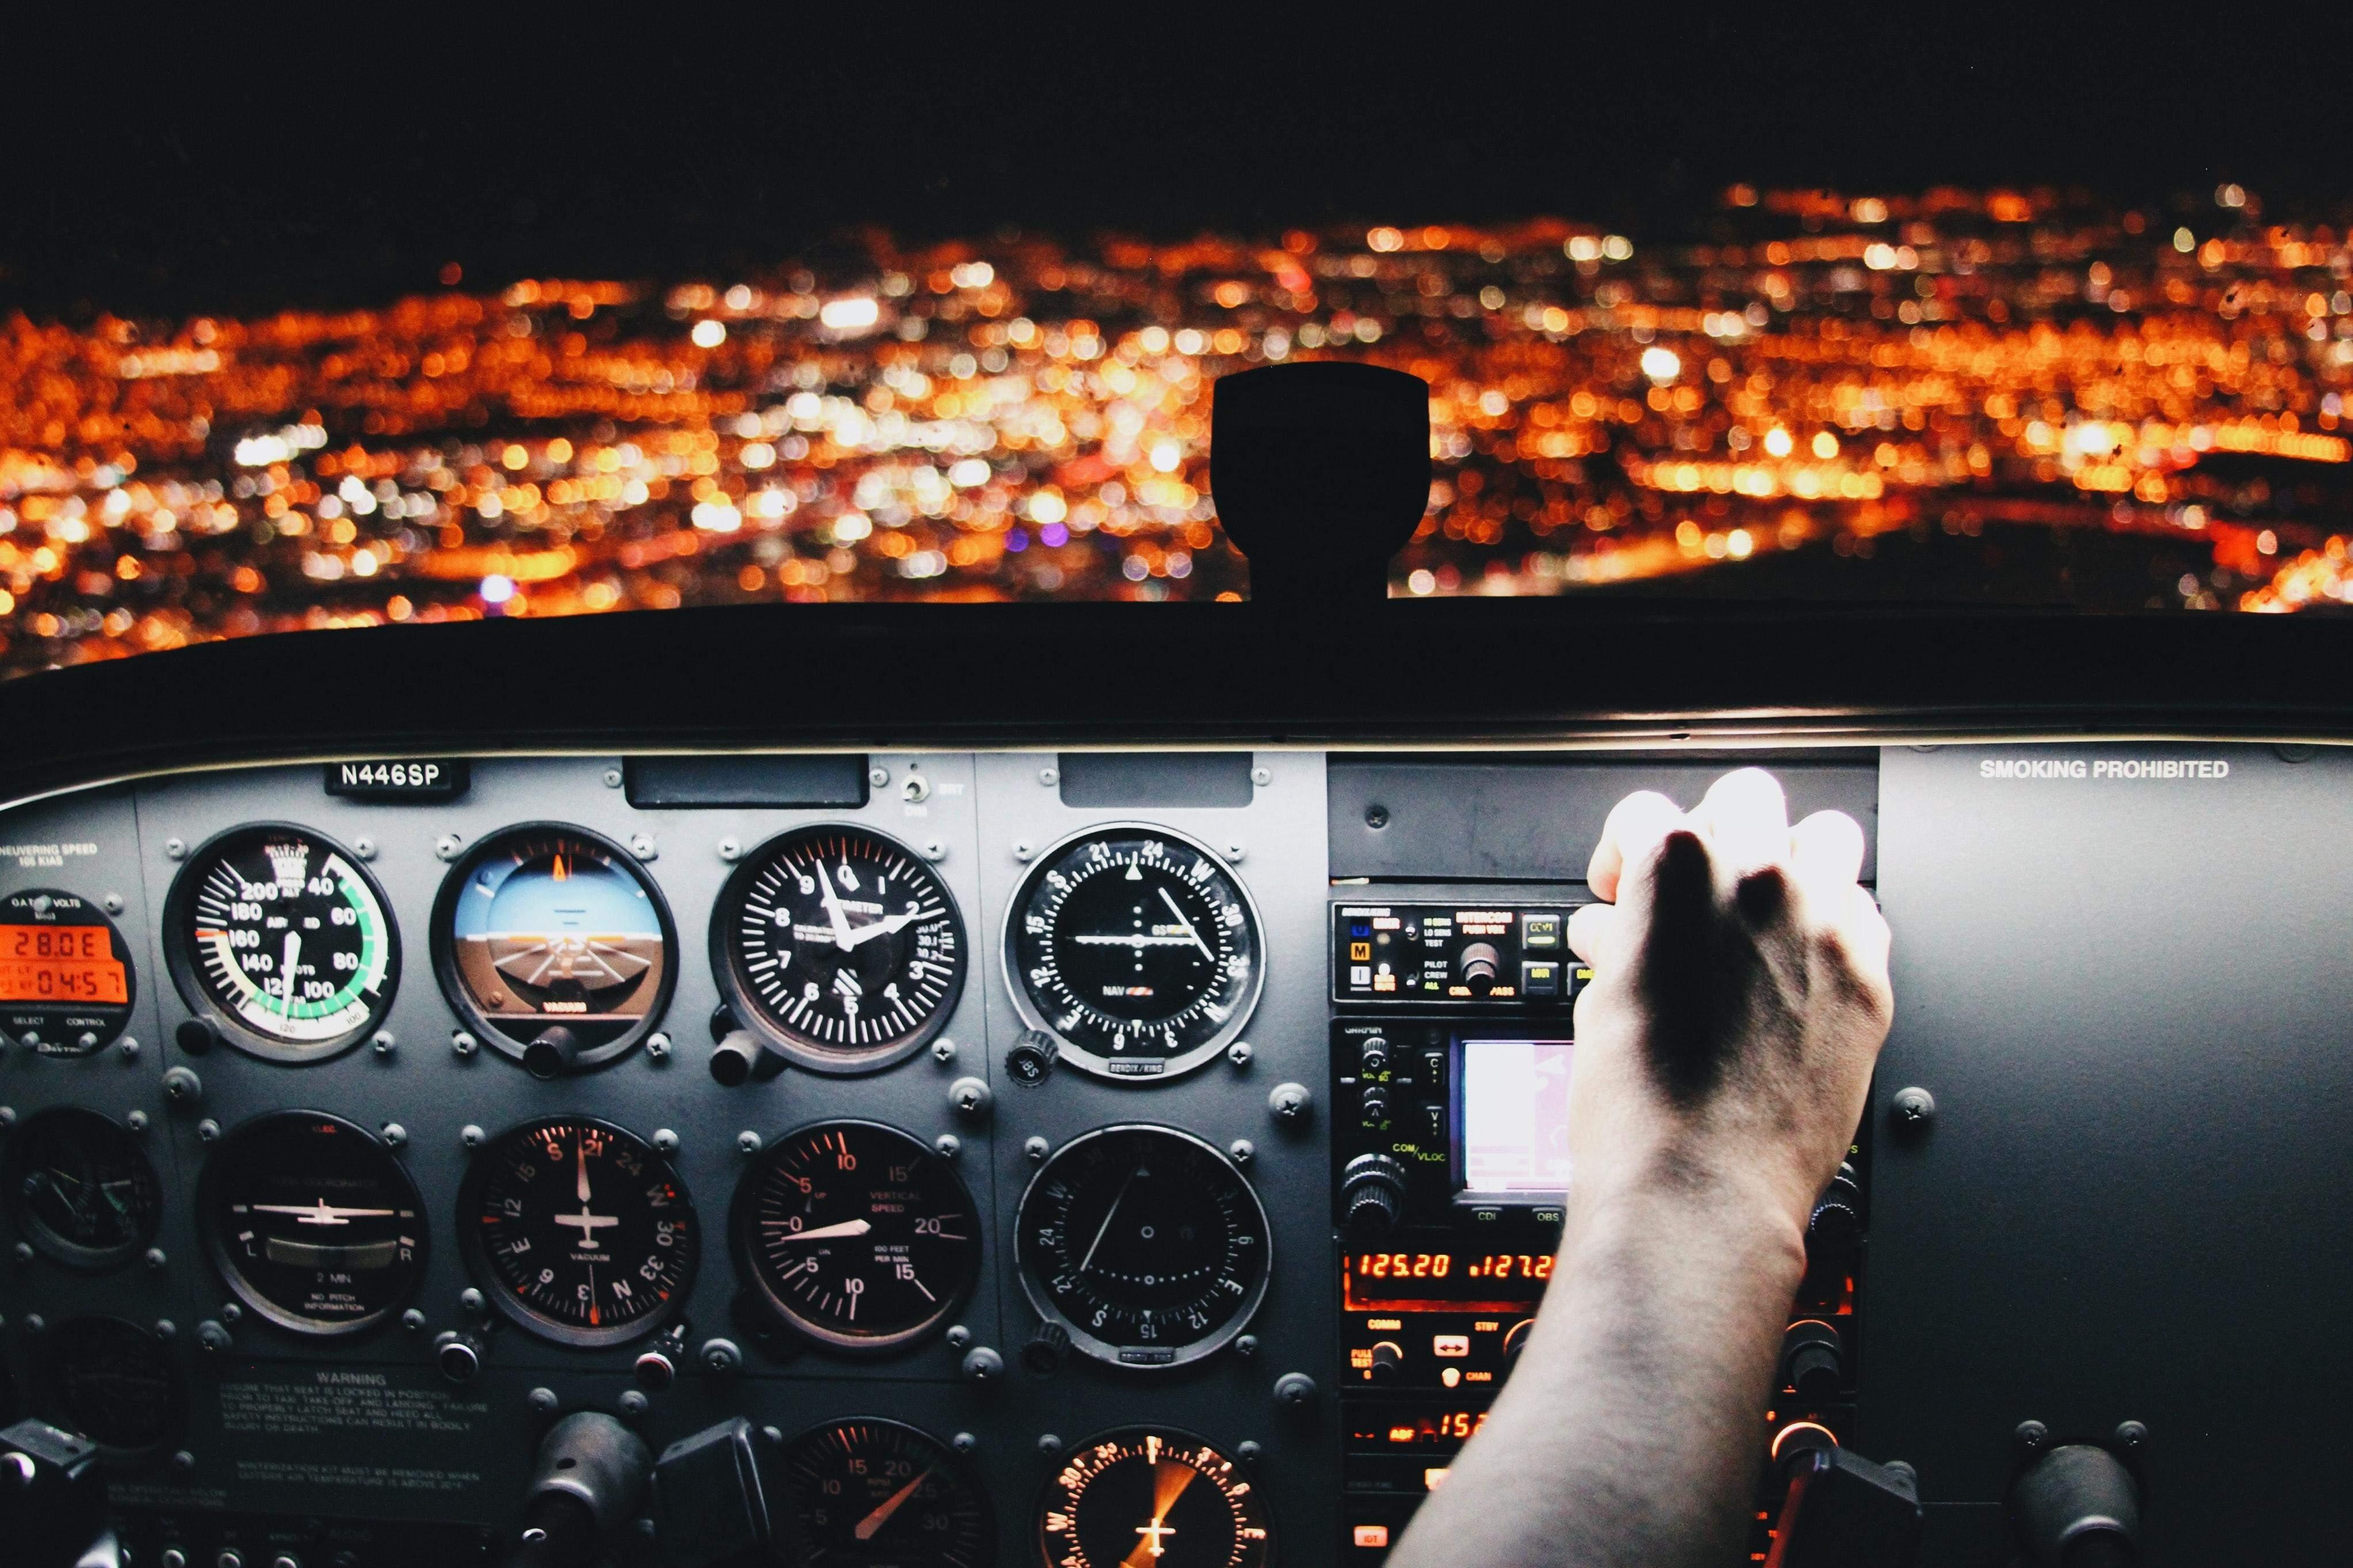 дешеві ціни на квитки як купити дешеві квитки на літак